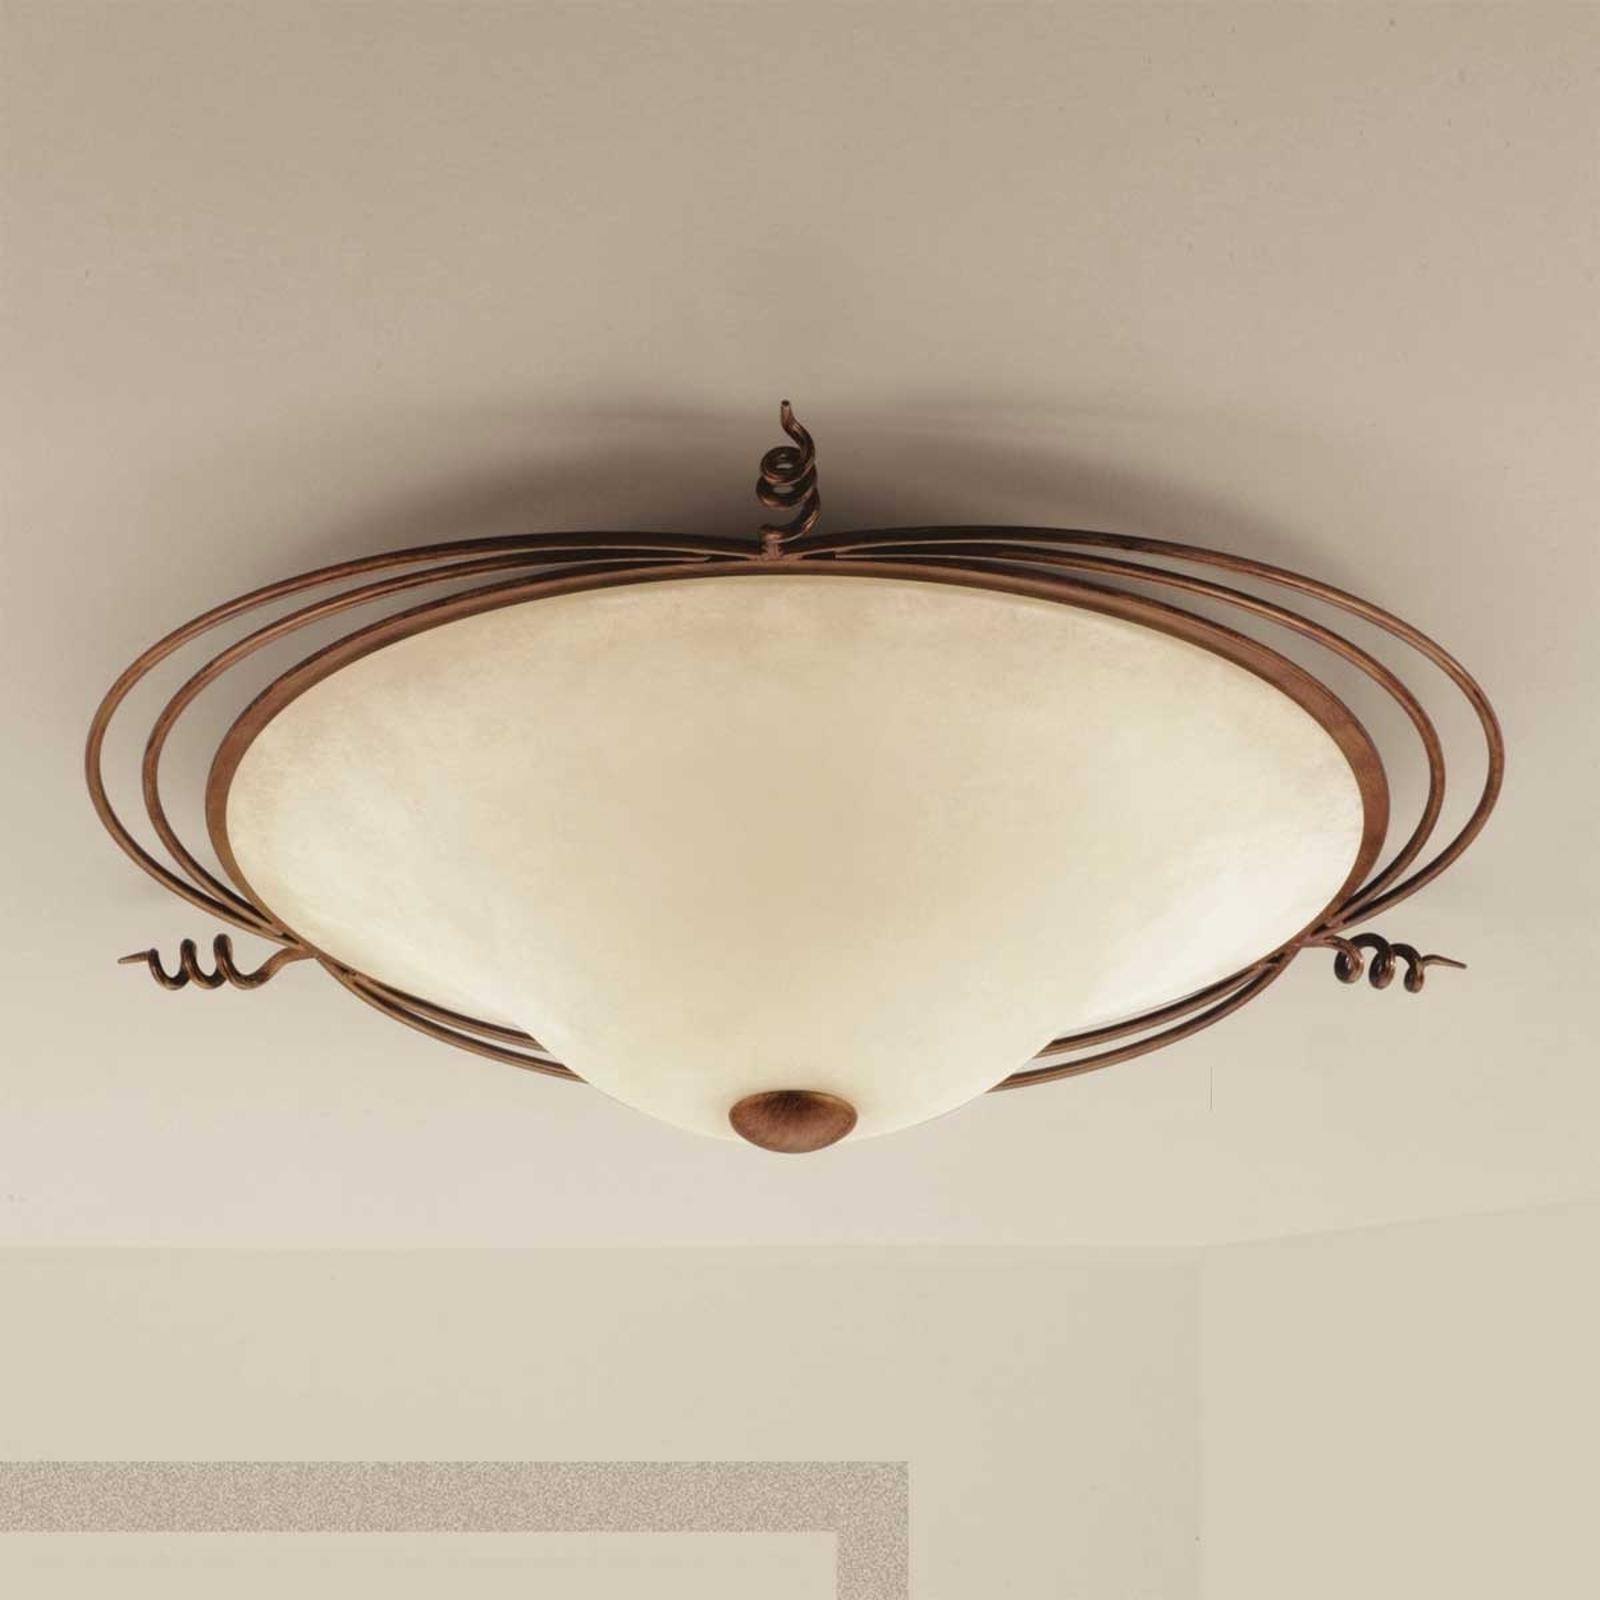 Landhuis-plafondlamp Daniele, antiek messing